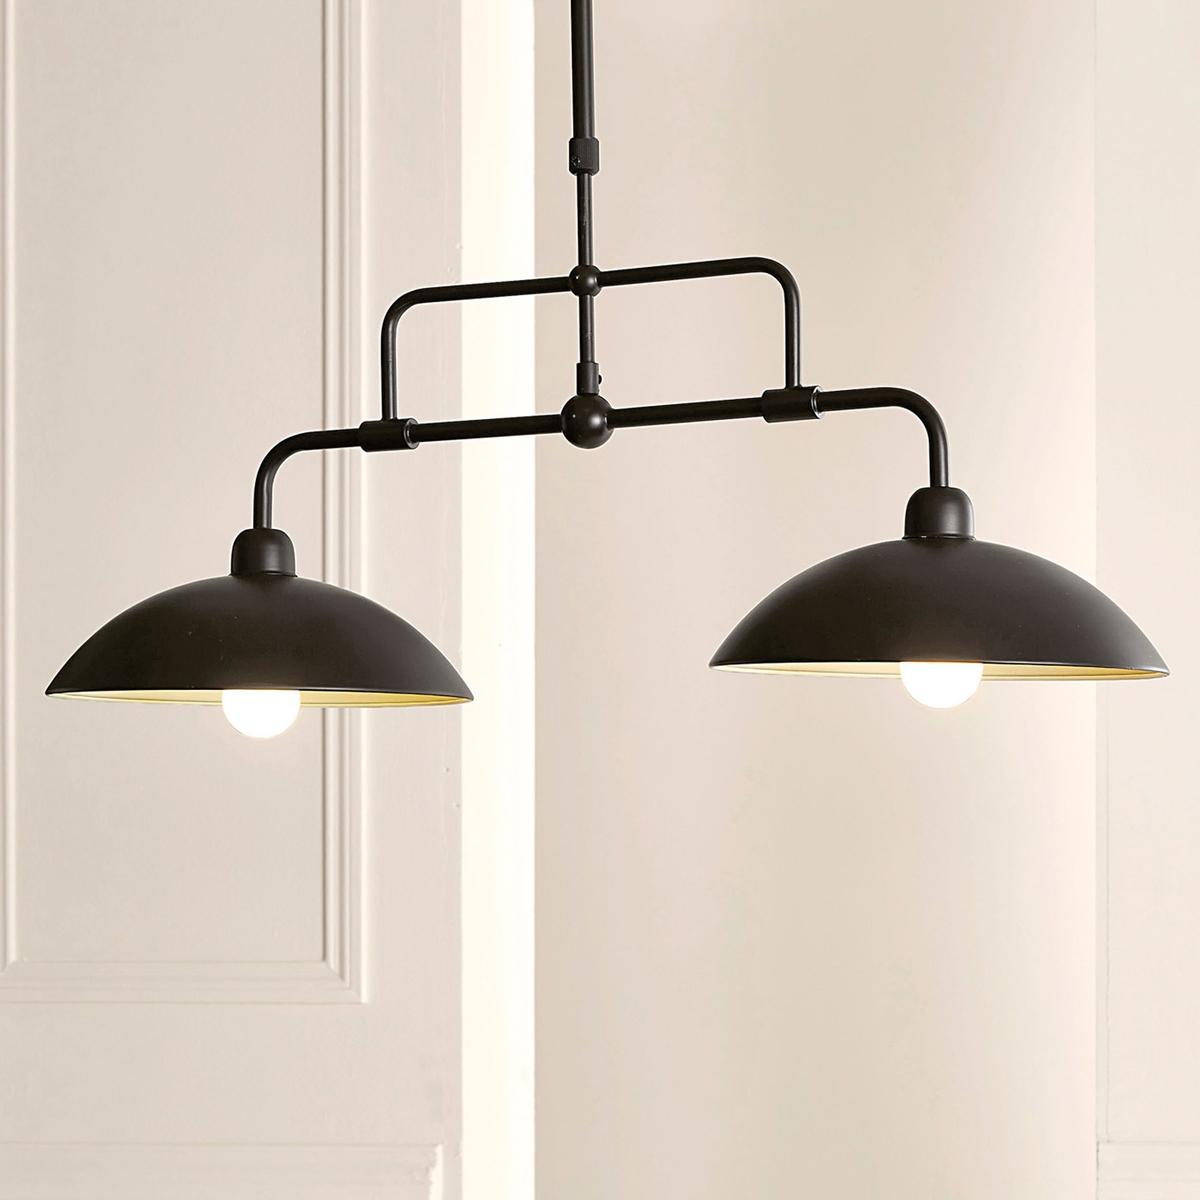 Светильник с 2 ответвлениями из металла, IvanoПравильно дозированное освещение   ! Описание светильника, Ivano :Коричневый цвет .Регулируется по высоте. Электрифицированный 2 цоколя E14 для лампочек макс. 40W    (20W для лампочек с низким потреблением). Этот светильник совместим с лампочками    энергетического класса    : A-B-C-D-EХарактеристики светильника, Ivano :Из металла с эпоксидным покрытием .Всю коллекцию светильников вы можете найти на сайте laredoute.ru.Размеры светильника, Ivano :Ширина : 76 смВысота регулируется от 72 до 102,5 см Глубина : 28 см<br><br>Цвет: каштановый<br>Размер: единый размер